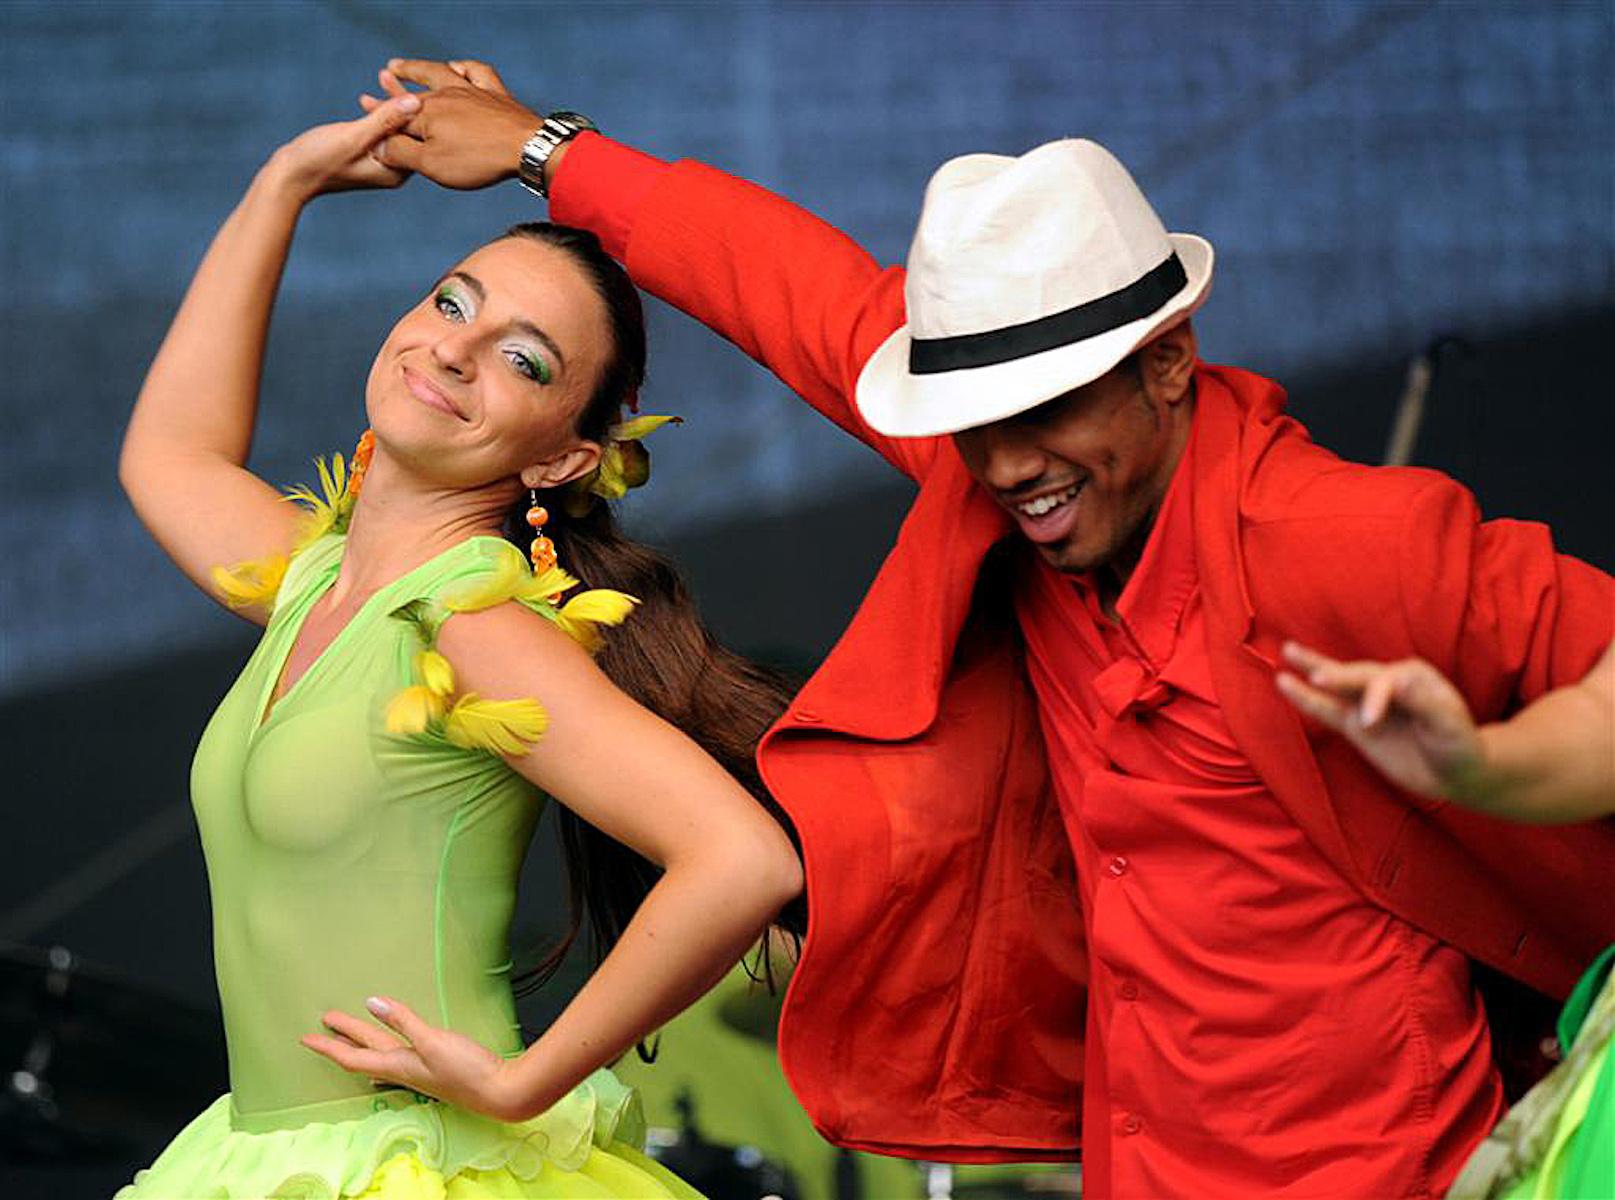 Koncert Jose Torres Y Salsa Tropical podczas Festiwalu Solidarności w Gdańsku.